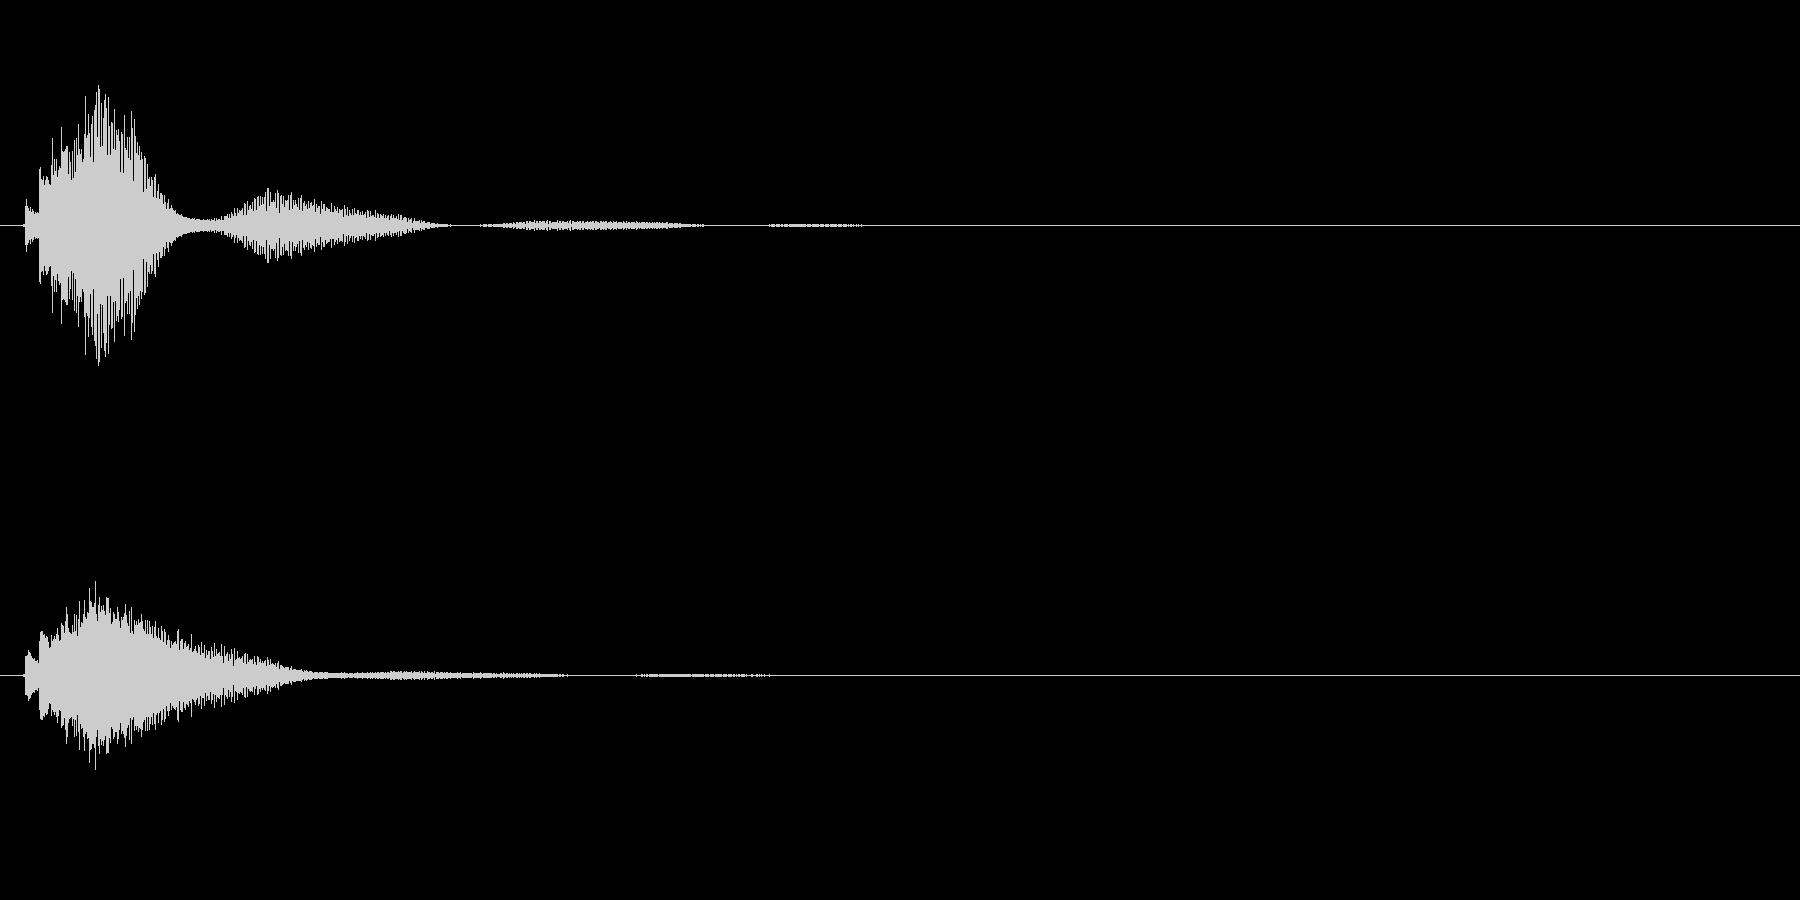 キラキラ系_079の未再生の波形